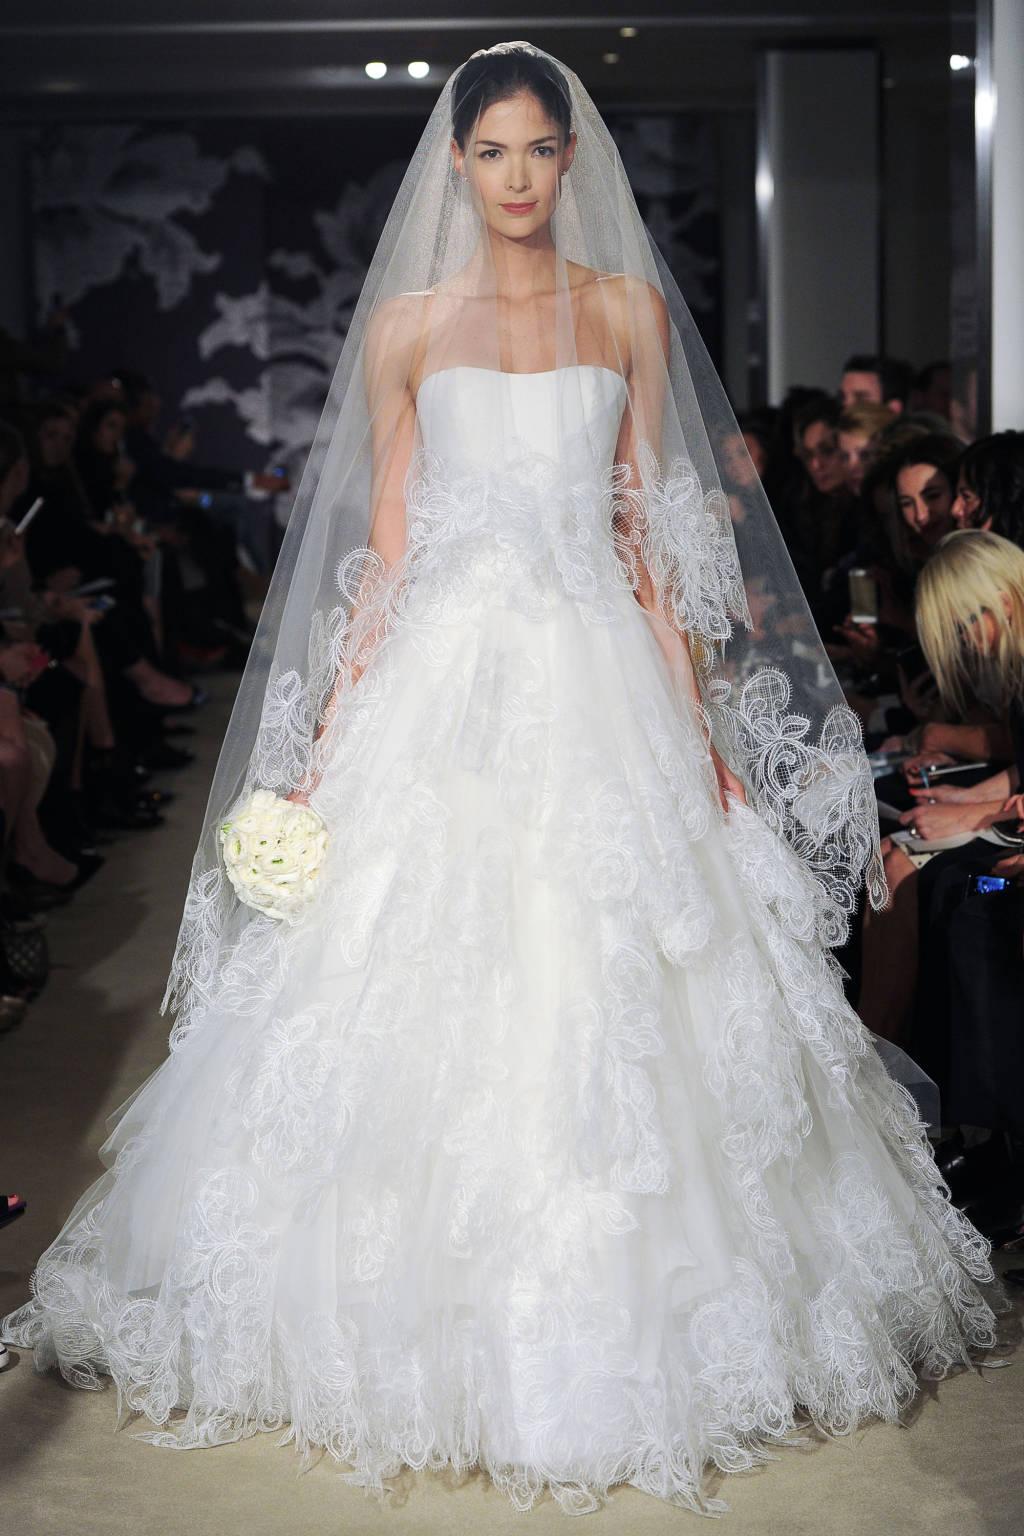 Kiểu đầm công chúa với phần thân dưới bồng bềnh xếp nếp tinh tế và khăn voan trong suốt phủ kín gương mặt mang đến vẻ đẹp lộng lẫy cho cô dâu.